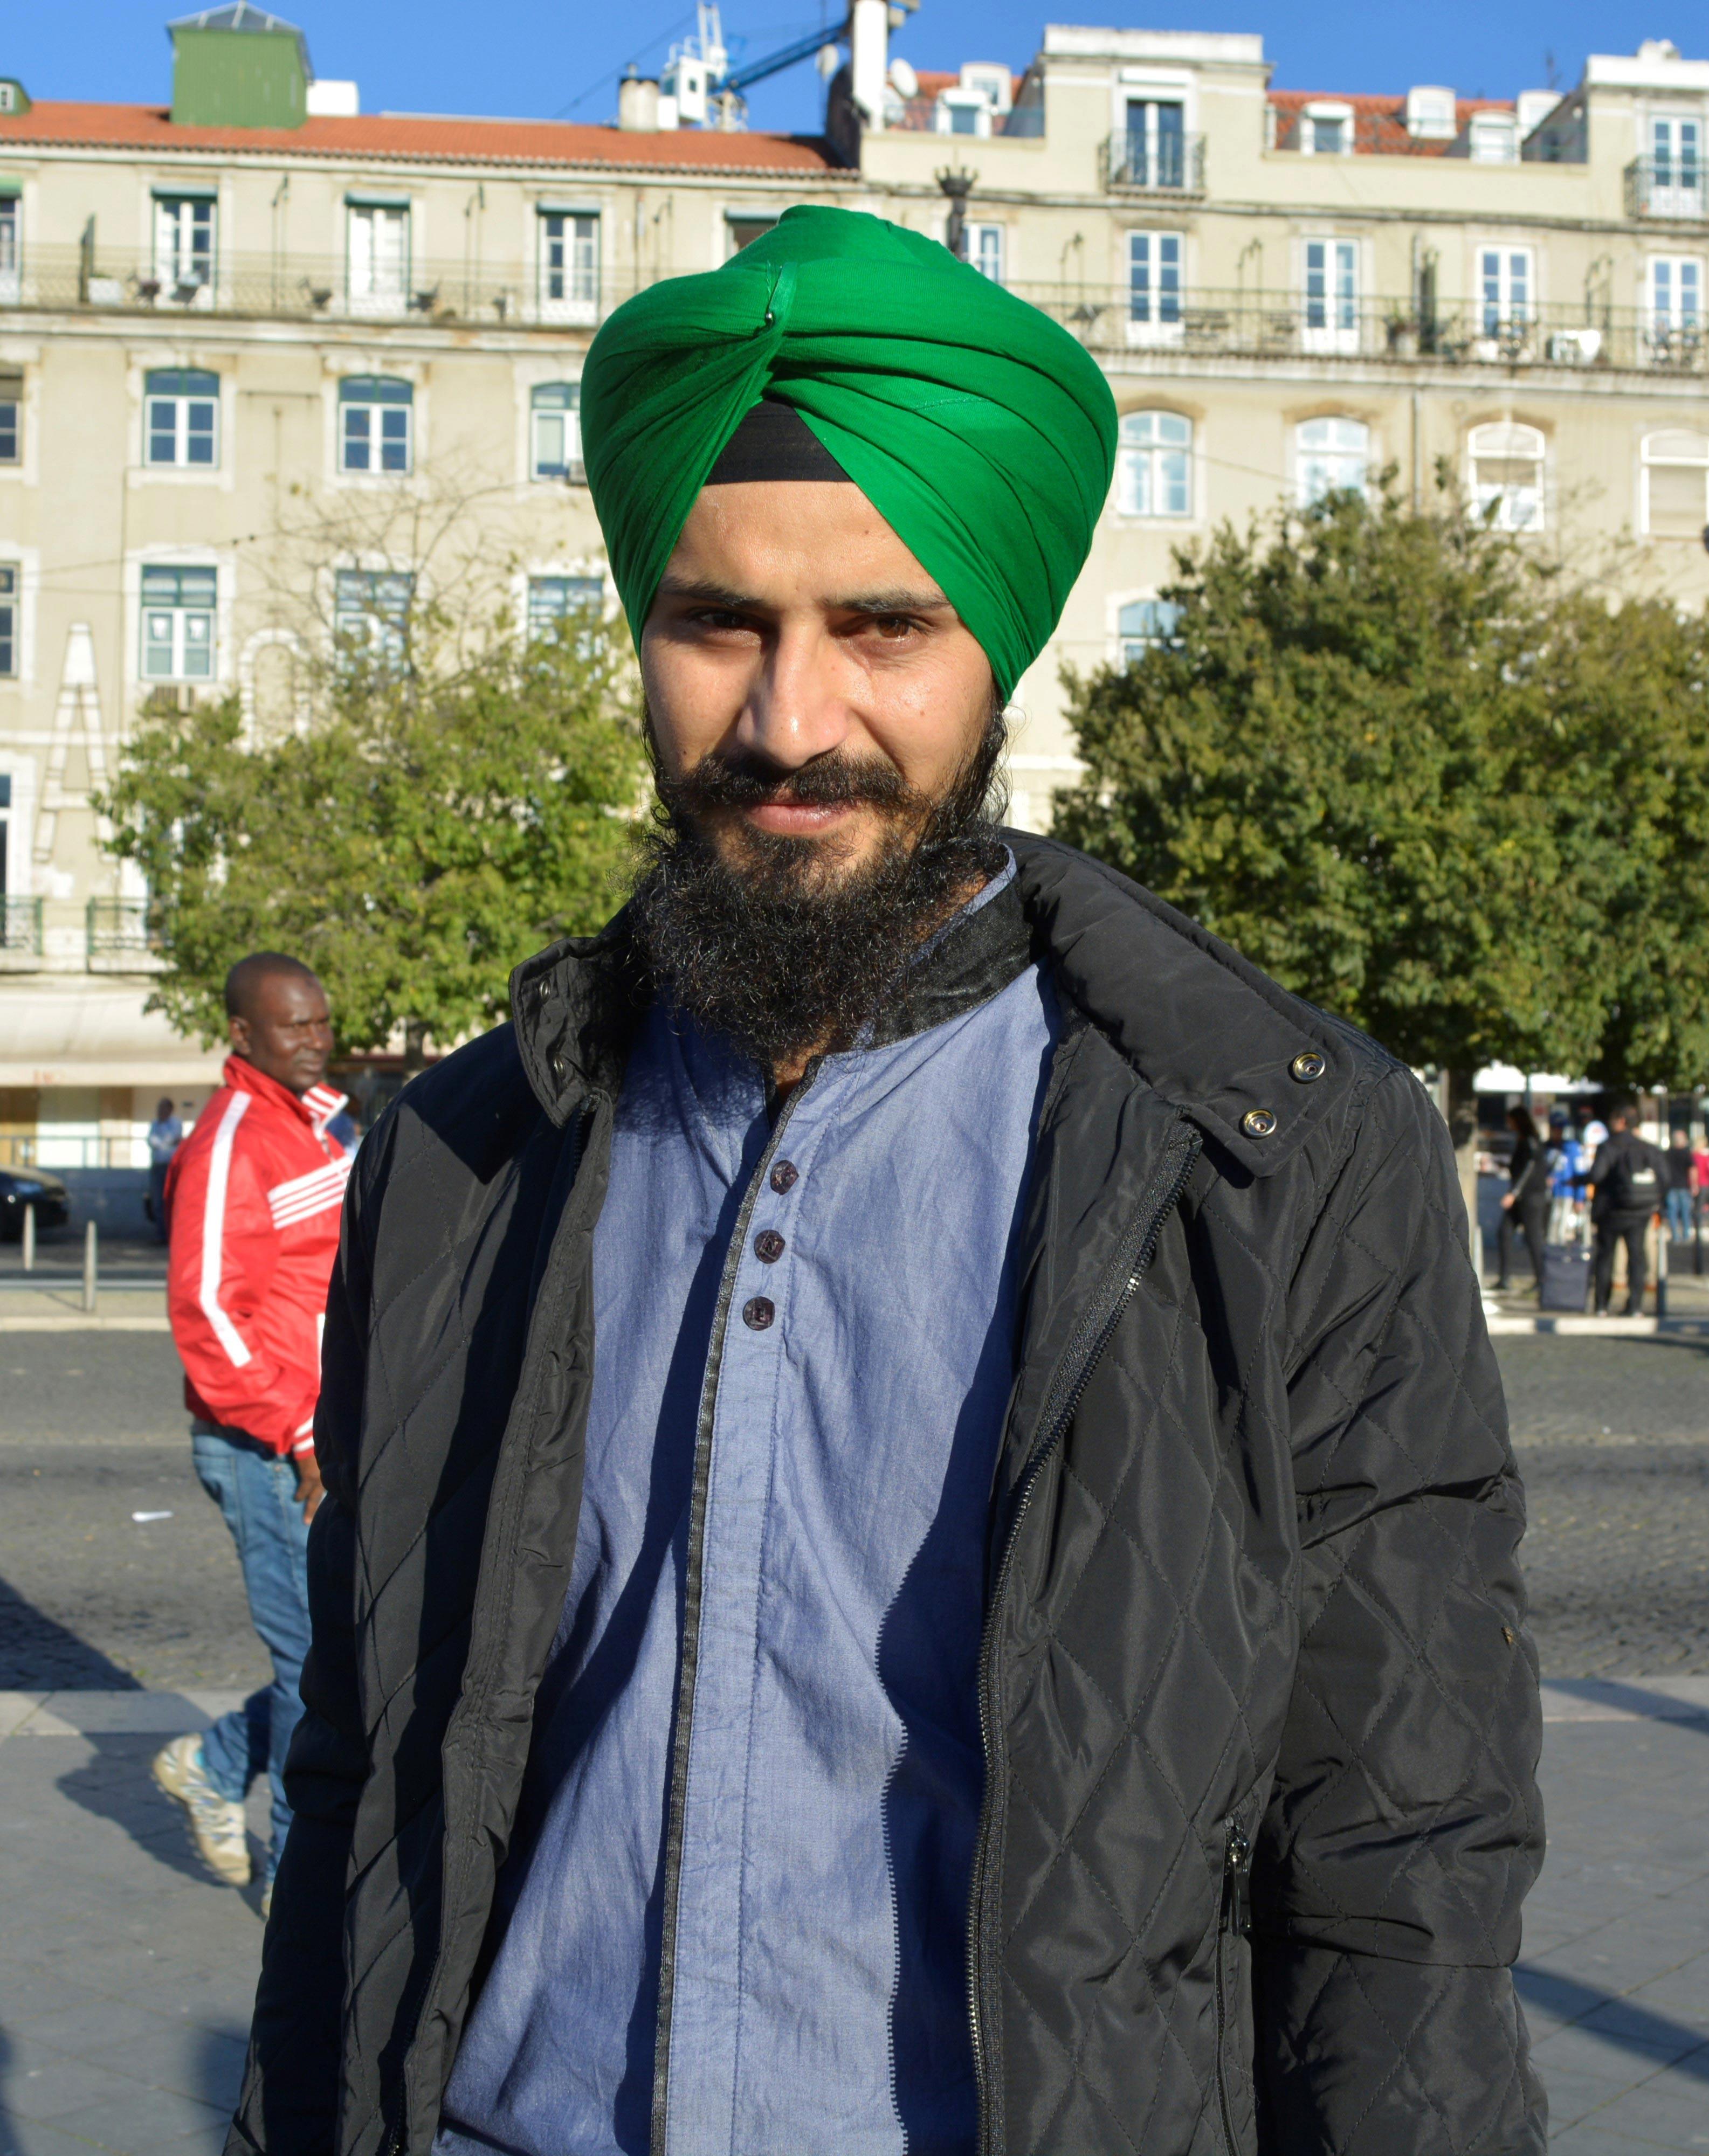 Devinder Singh, imigrante oriundo da Índia, juntou-se à marcha pelos direitos dos imigrantes em Portugal